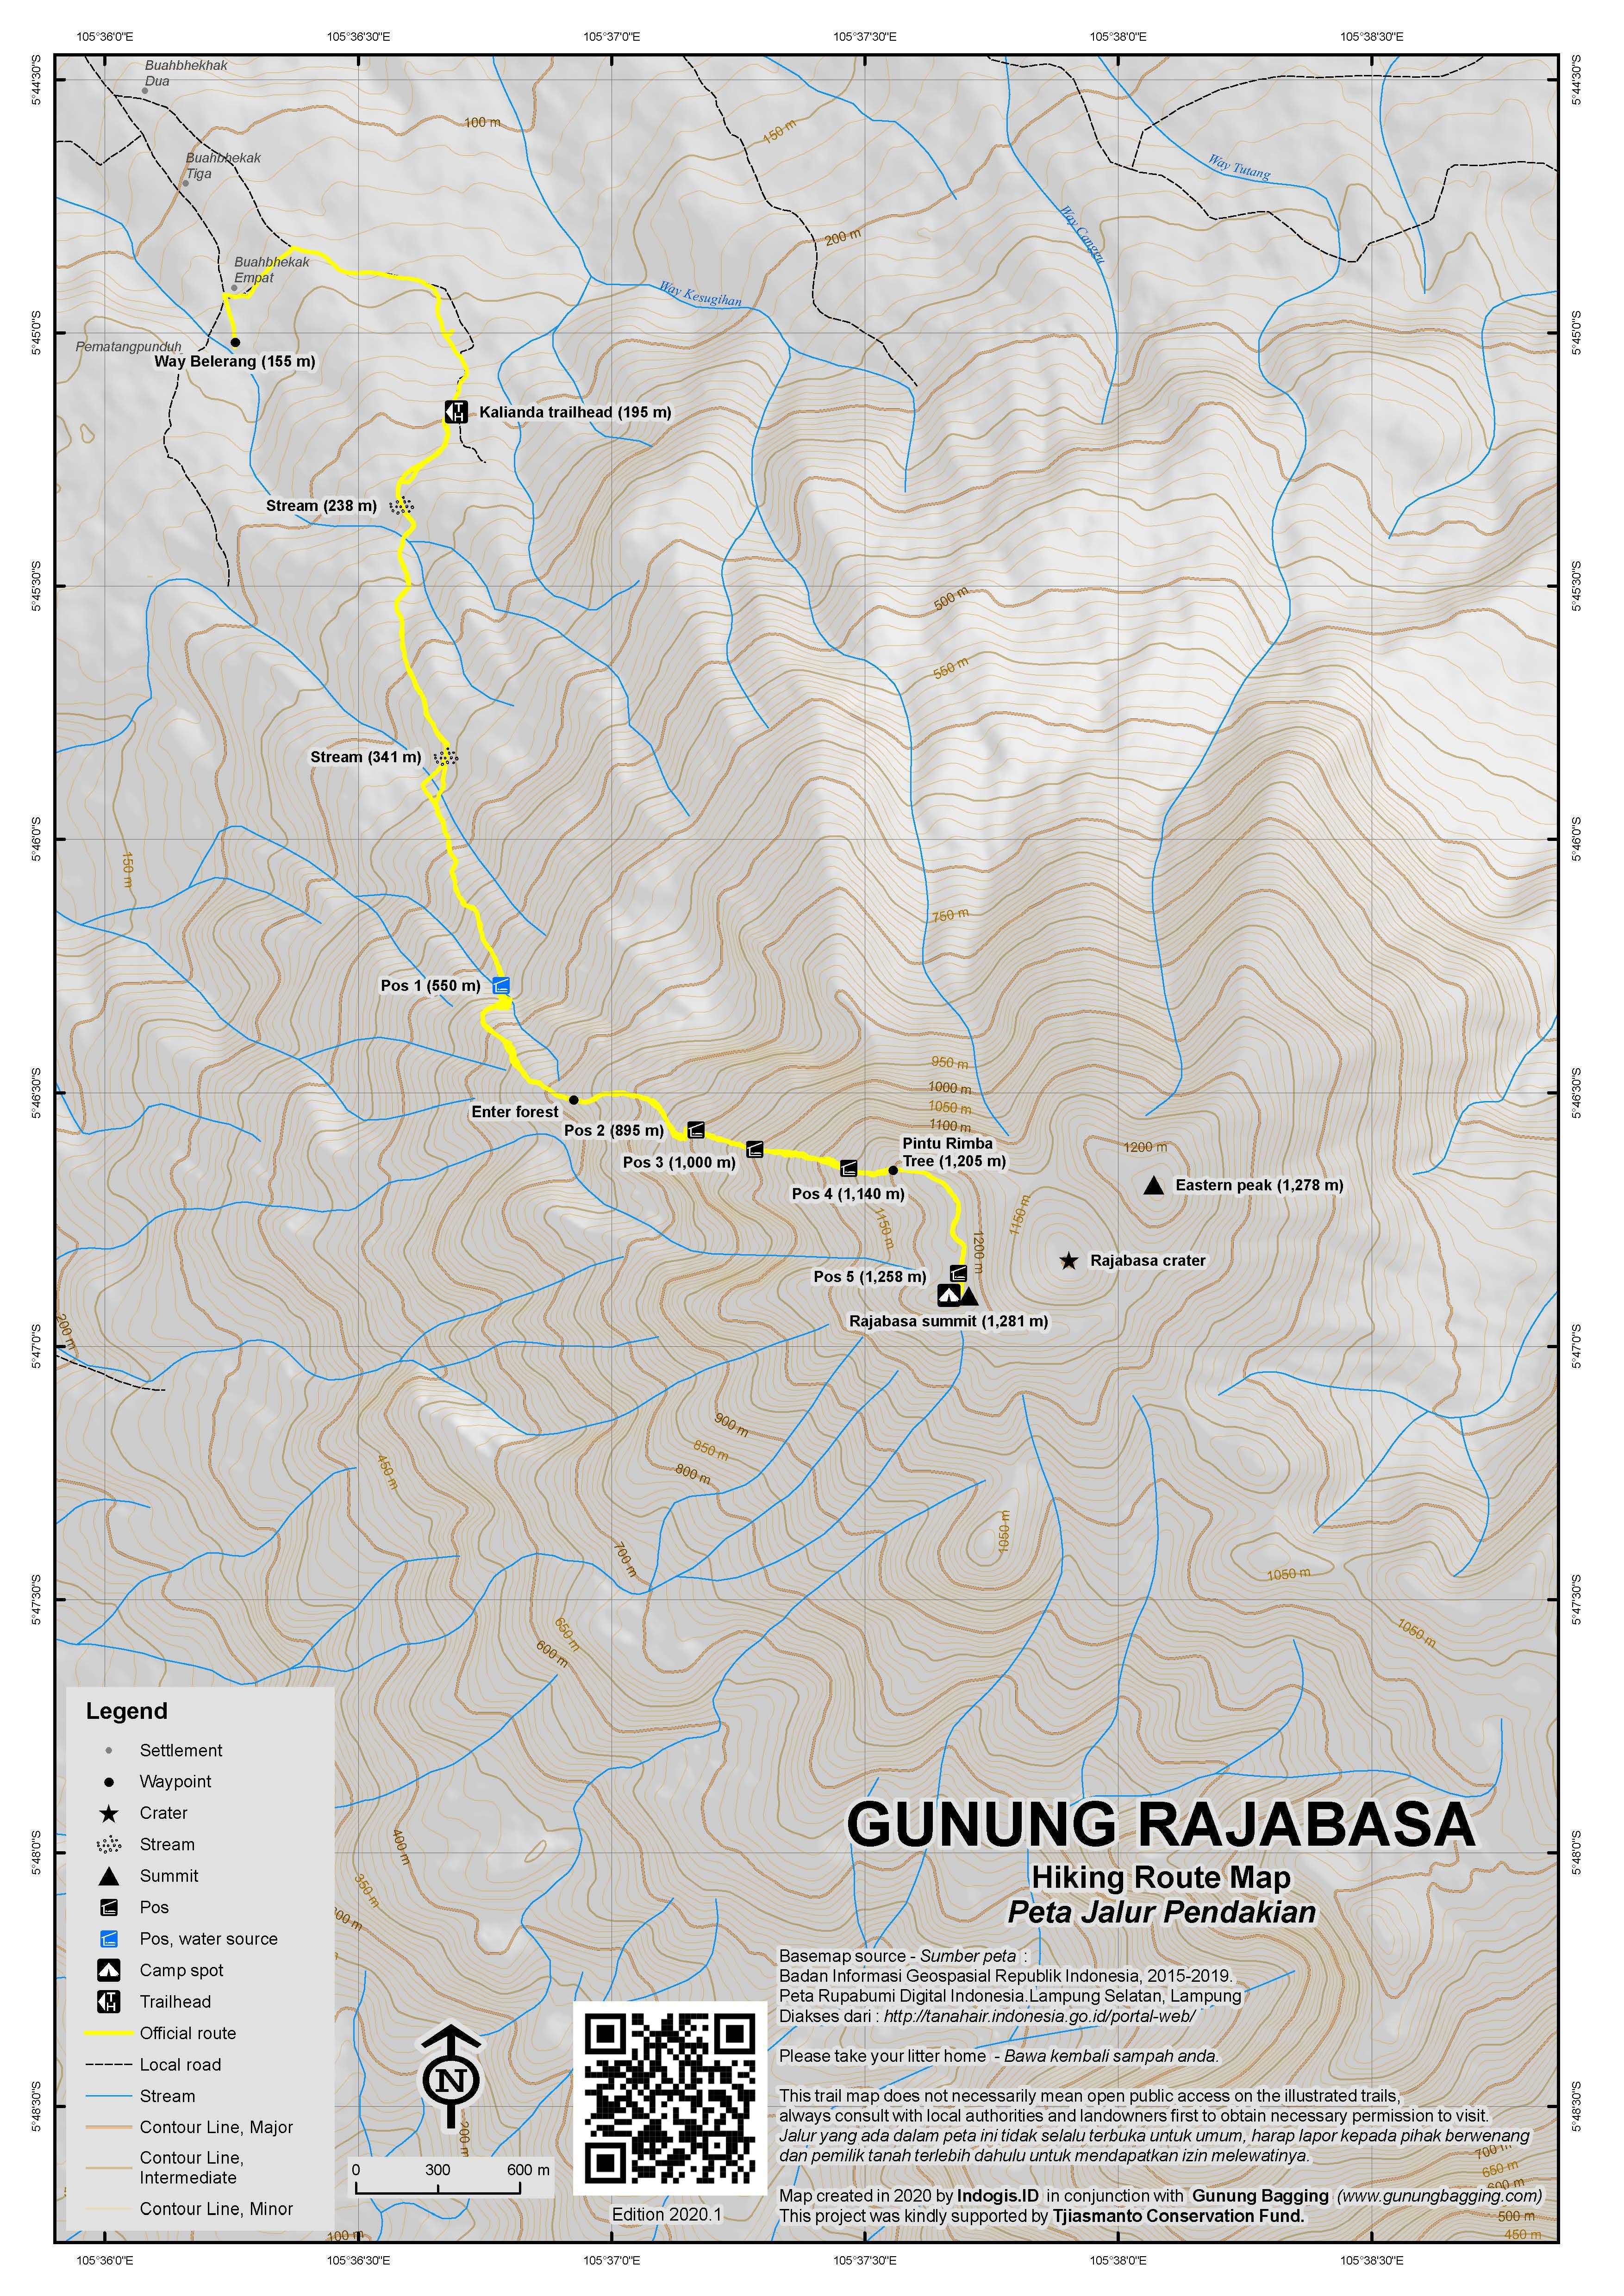 Peta Jalur Pendakian Gunung Rajabasa